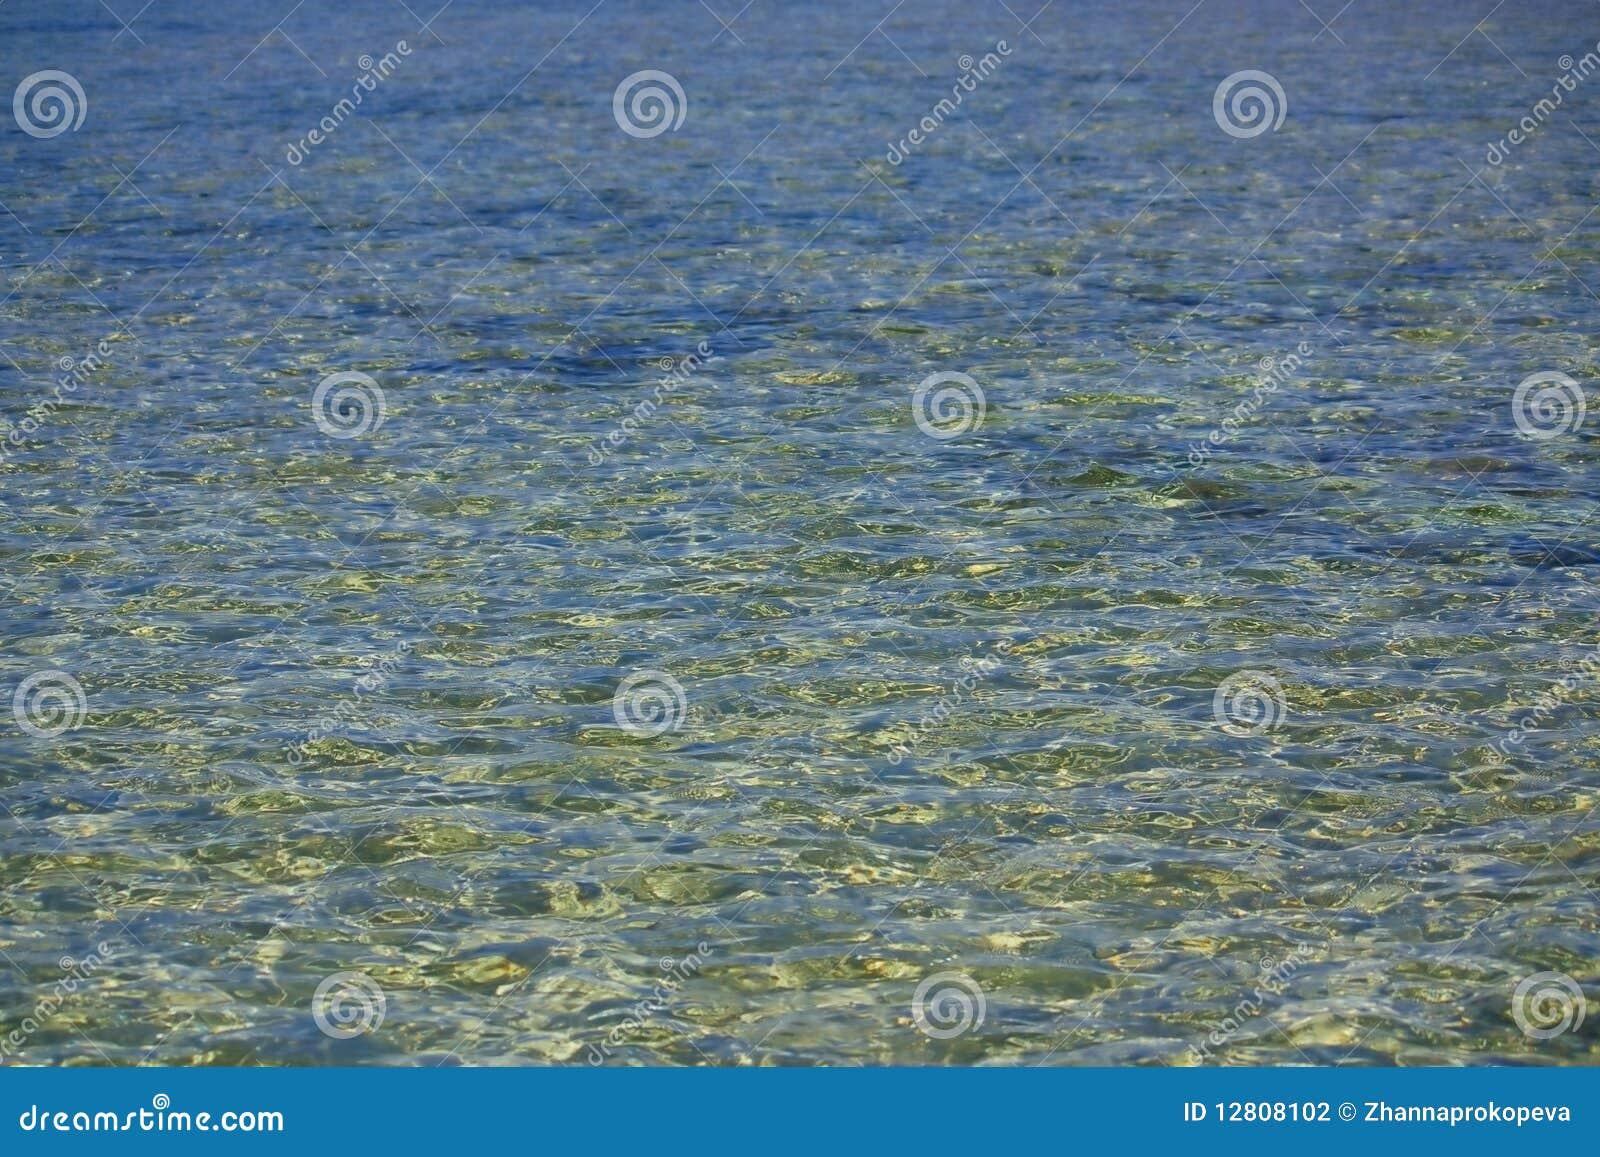 Superfície do Fundo-mar